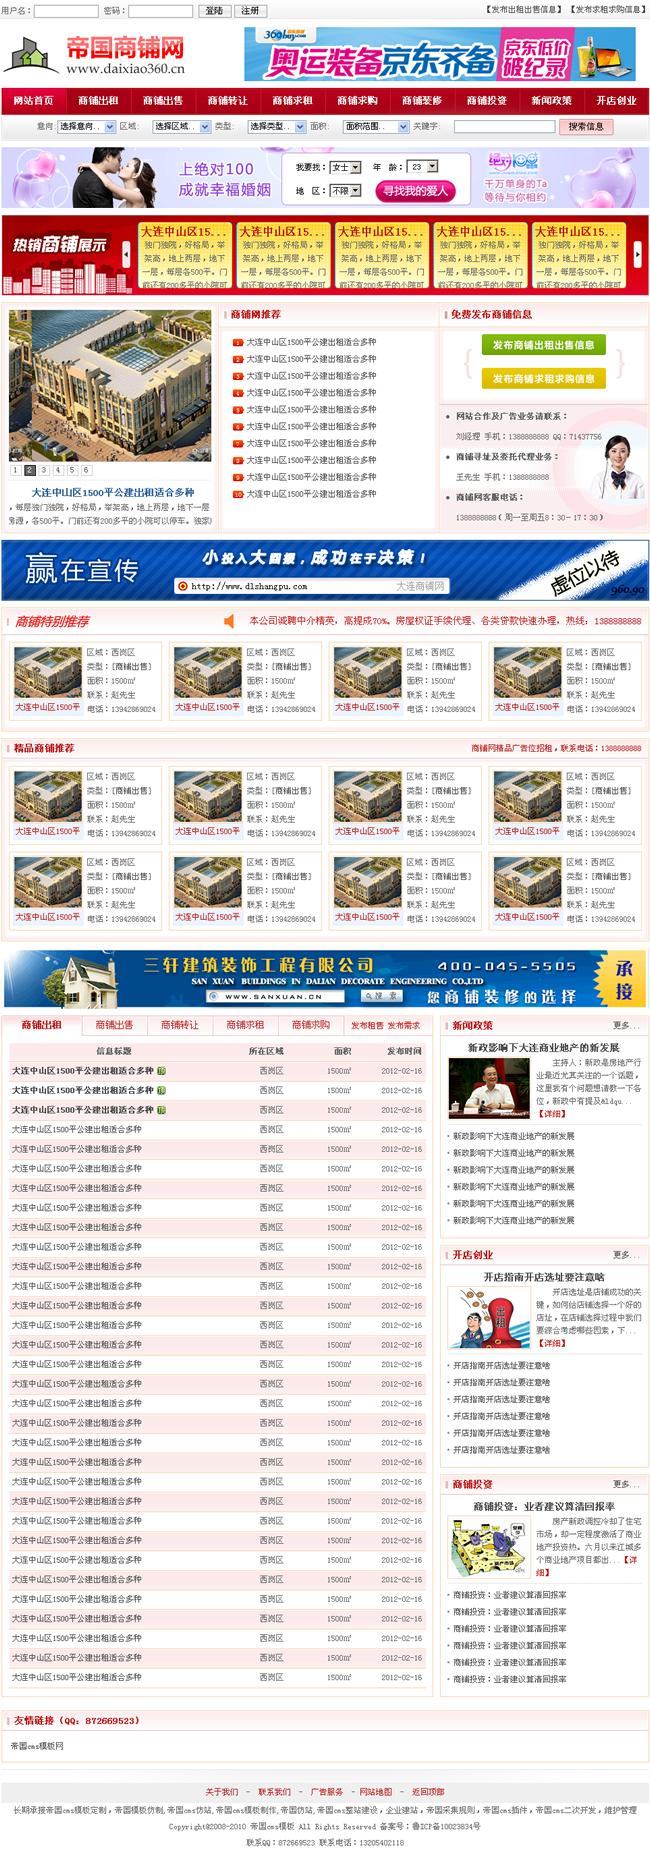 帝国cms商铺分类信息网站程序源码红色模板_首页